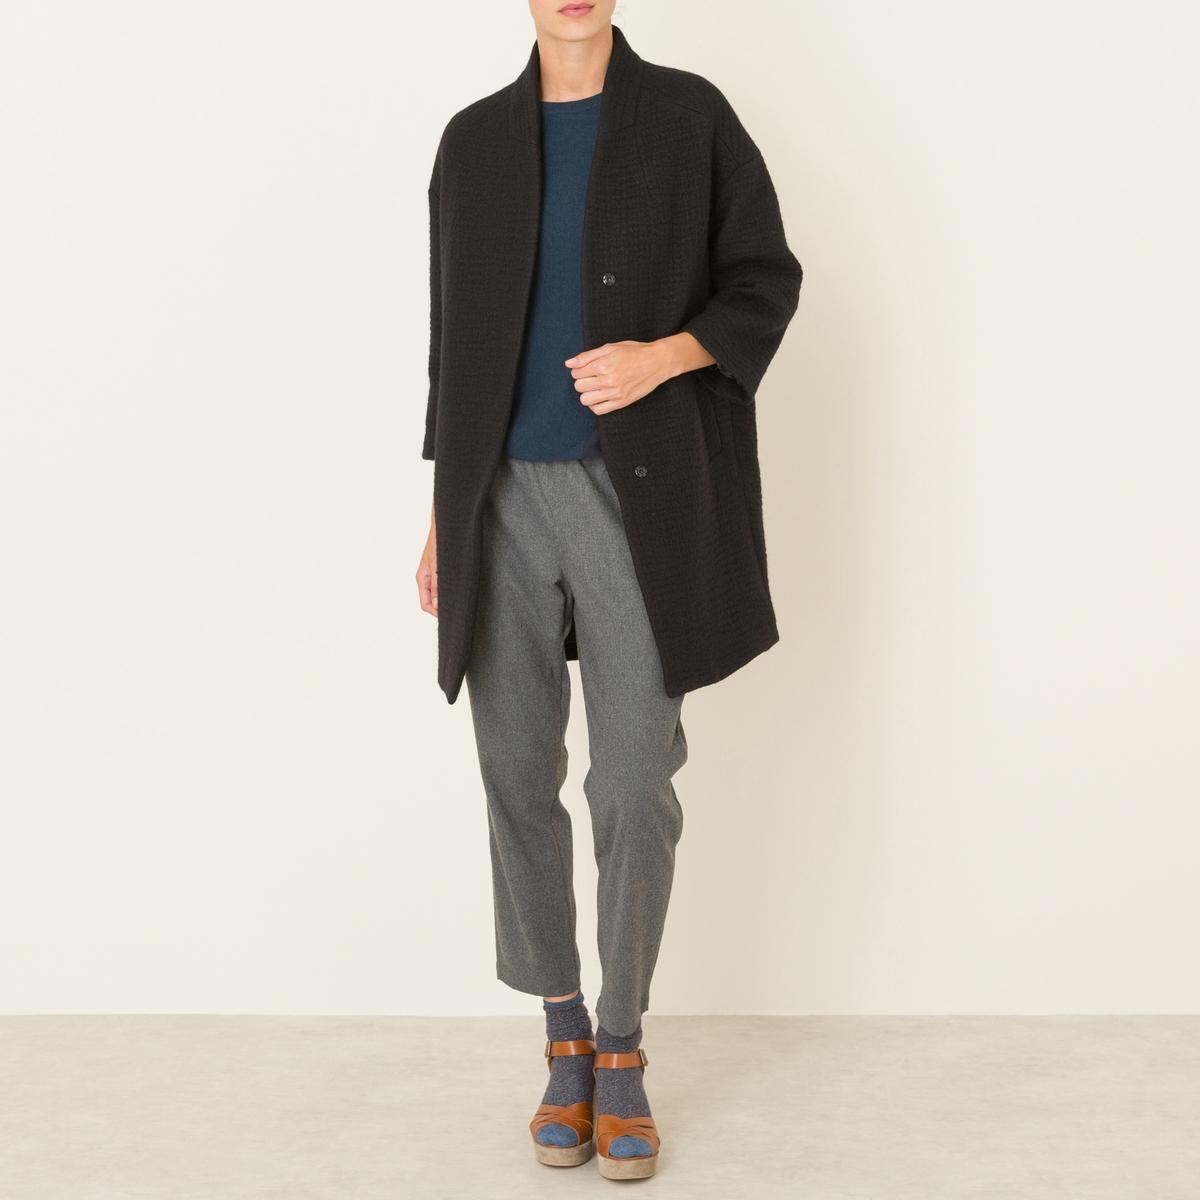 Пальто длинноеДлинное пальто POMANDERE - покрой оверсайз, без воротника, из шерстяного драпа. Небольшой стоячий воротник с застежкой на скрытую пуговицу. Широкие длинные рукава, приспущенная пройма. 2 больших прорезных кармана. На подкладке. Состав и описание Материал : 100% полиэстерМарка : POMANDERE<br><br>Цвет: серо-коричневый,черный